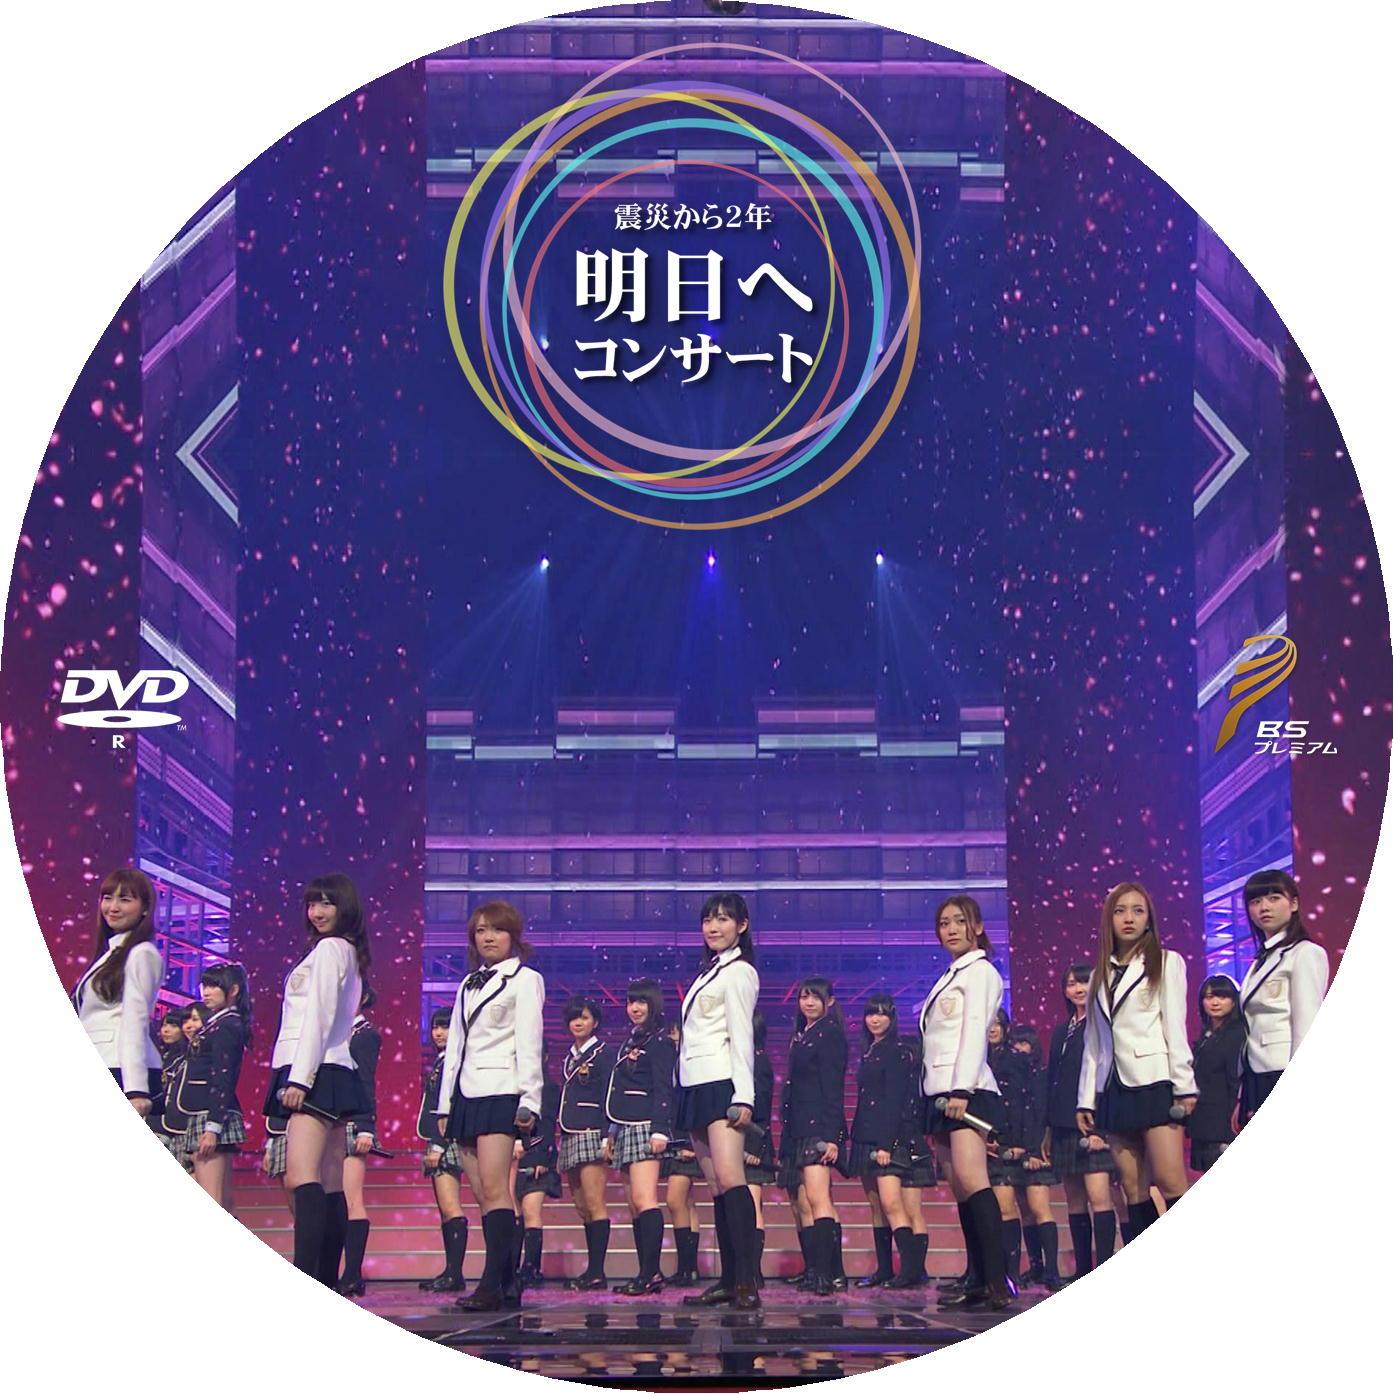 明日へコンサート AKB48 DVDラベル